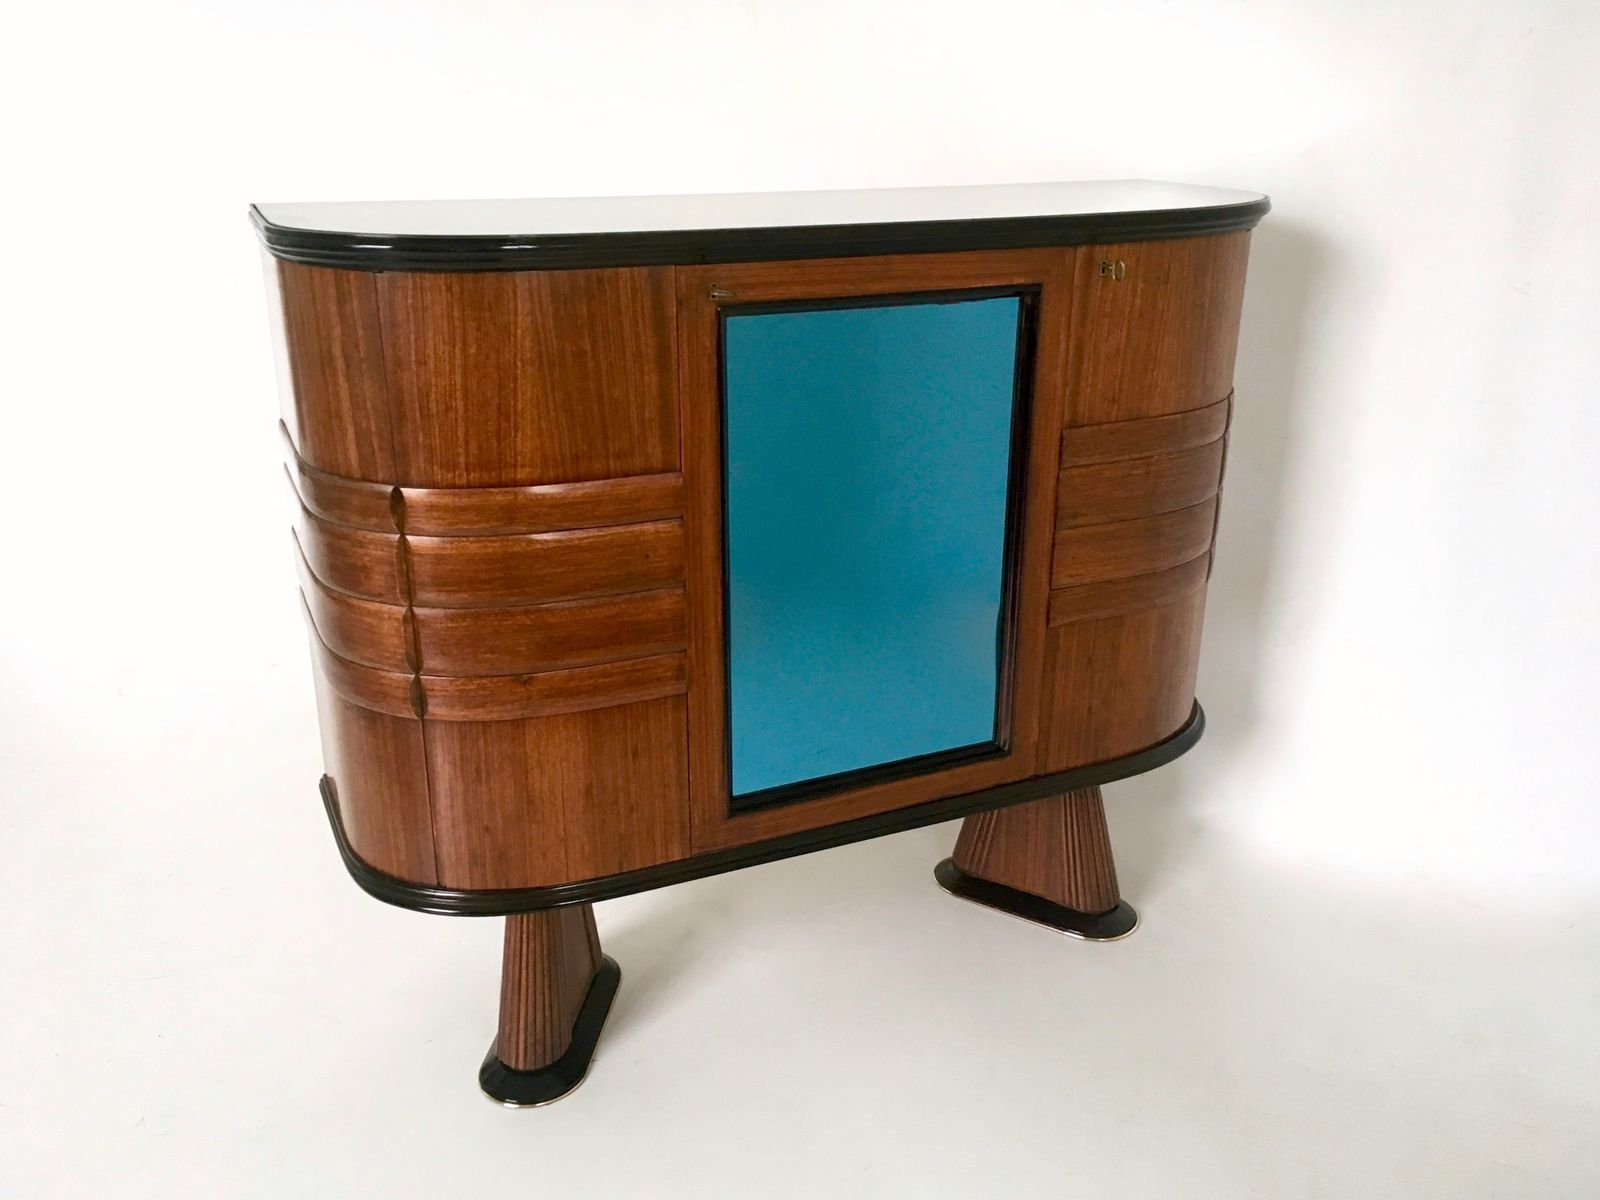 Mueble bar italiano de palisandro y cristal azul a os 50 en venta en pamono - Mueble anos 50 ...